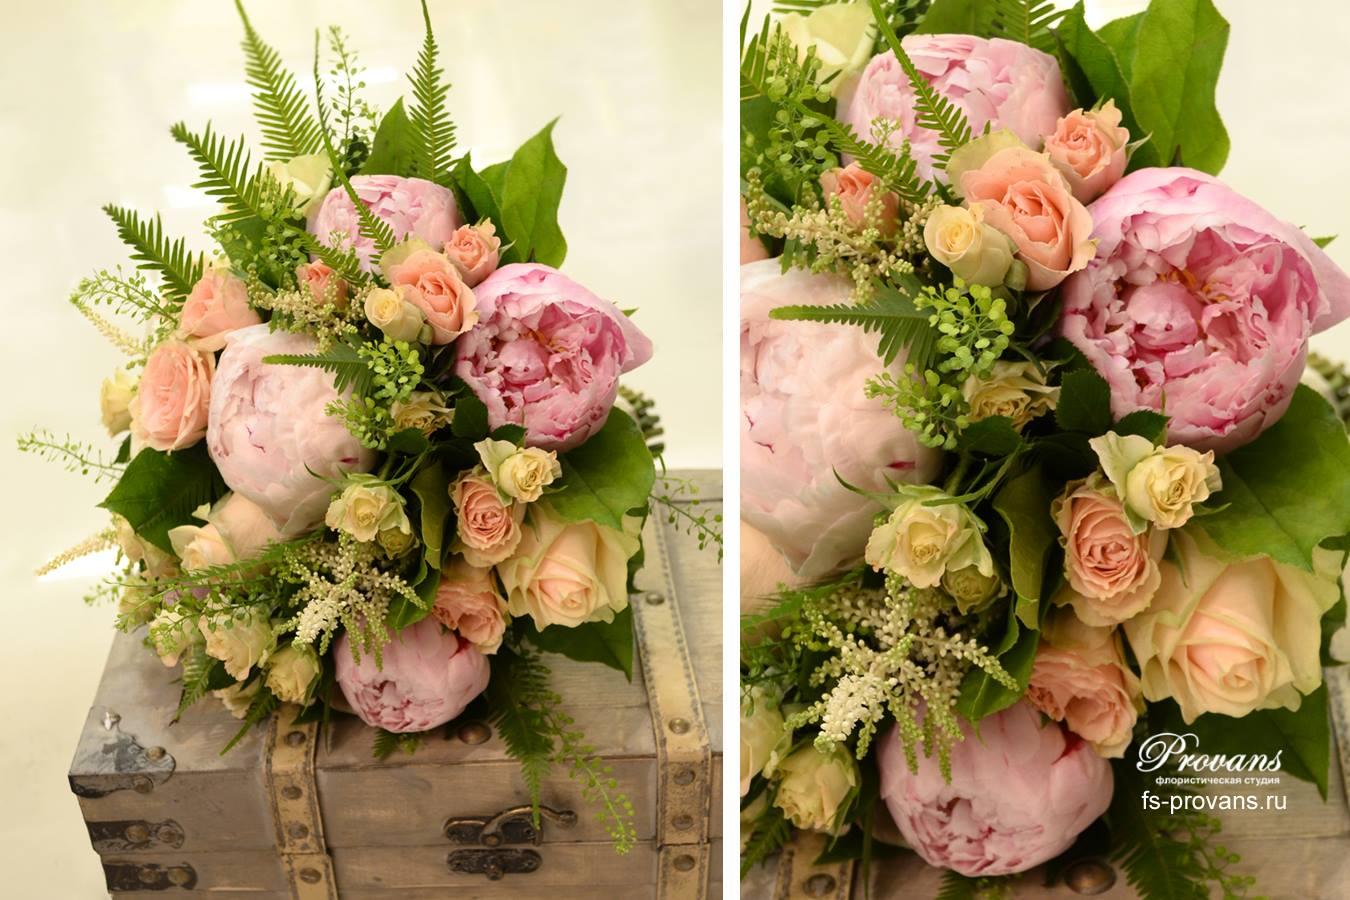 Свадебный букет. Розы, пионы